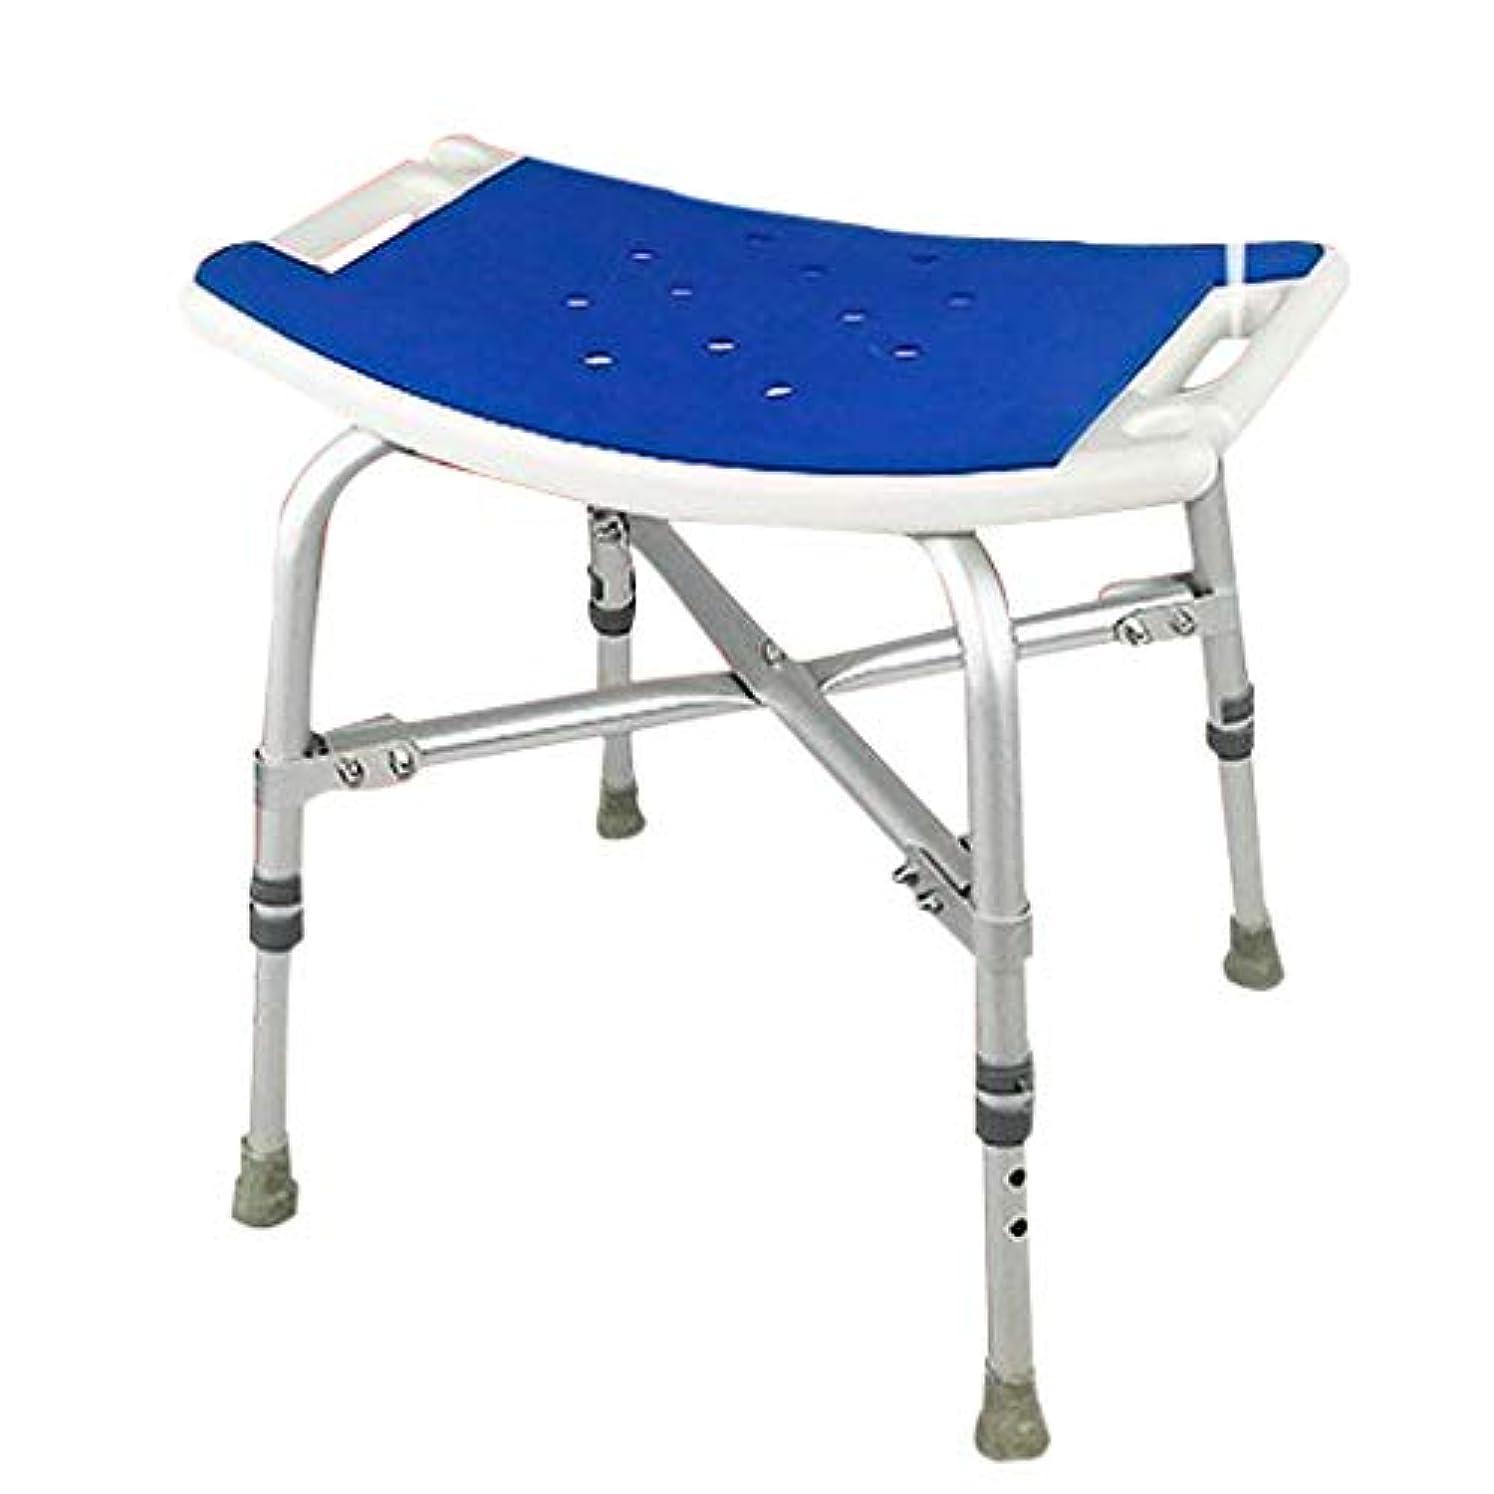 若者死すべきゴージャス高さ調整可能 バス/シャワースツール ハンディキャップシャワーシート 障害者支援 人間工学に基づいた バスタブリフトチェア パディング付き 高齢者、障害者、成人向け ヘビーデューティ